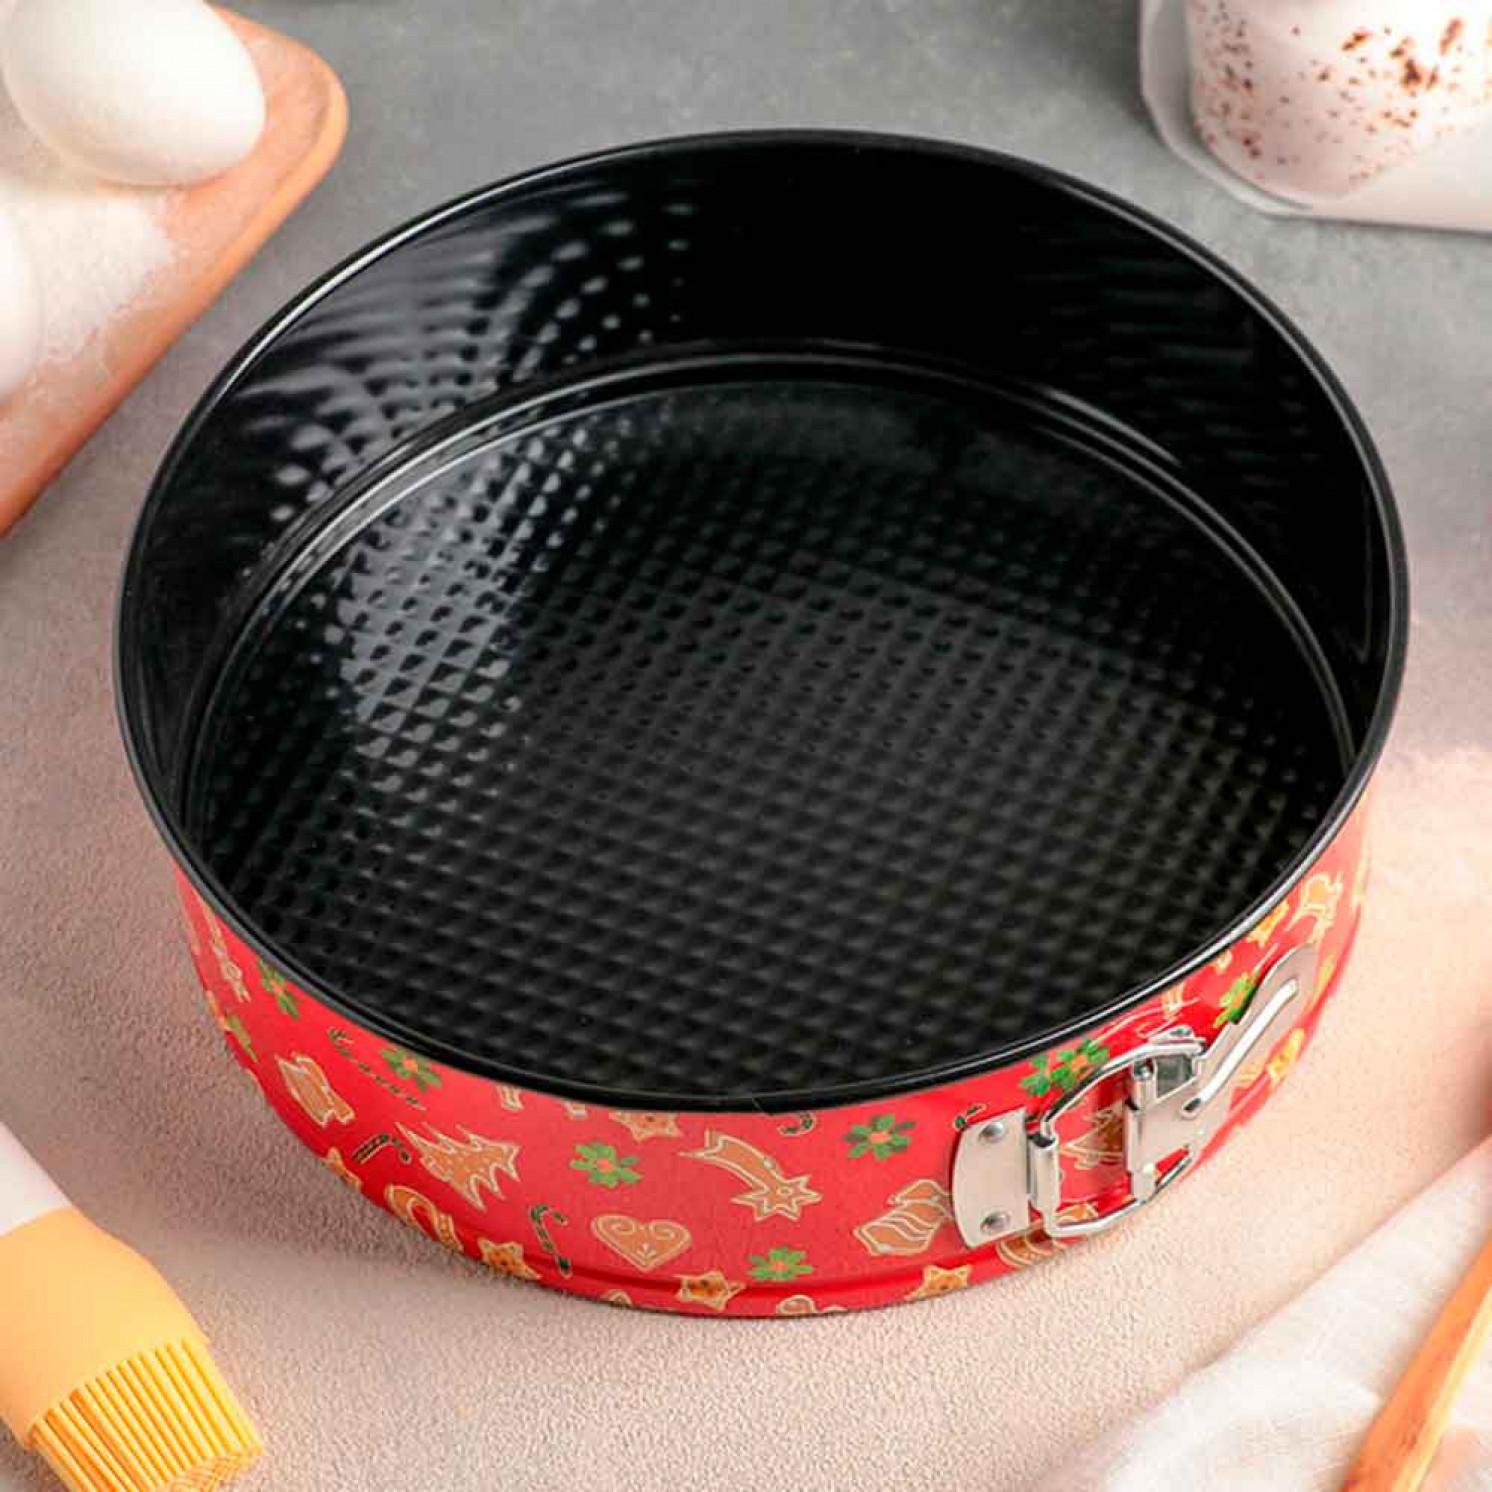 Форма для выпечки разъёмная «Флорсет», 24×6,5 см, антипригарное покрытие, рисунок МИКС